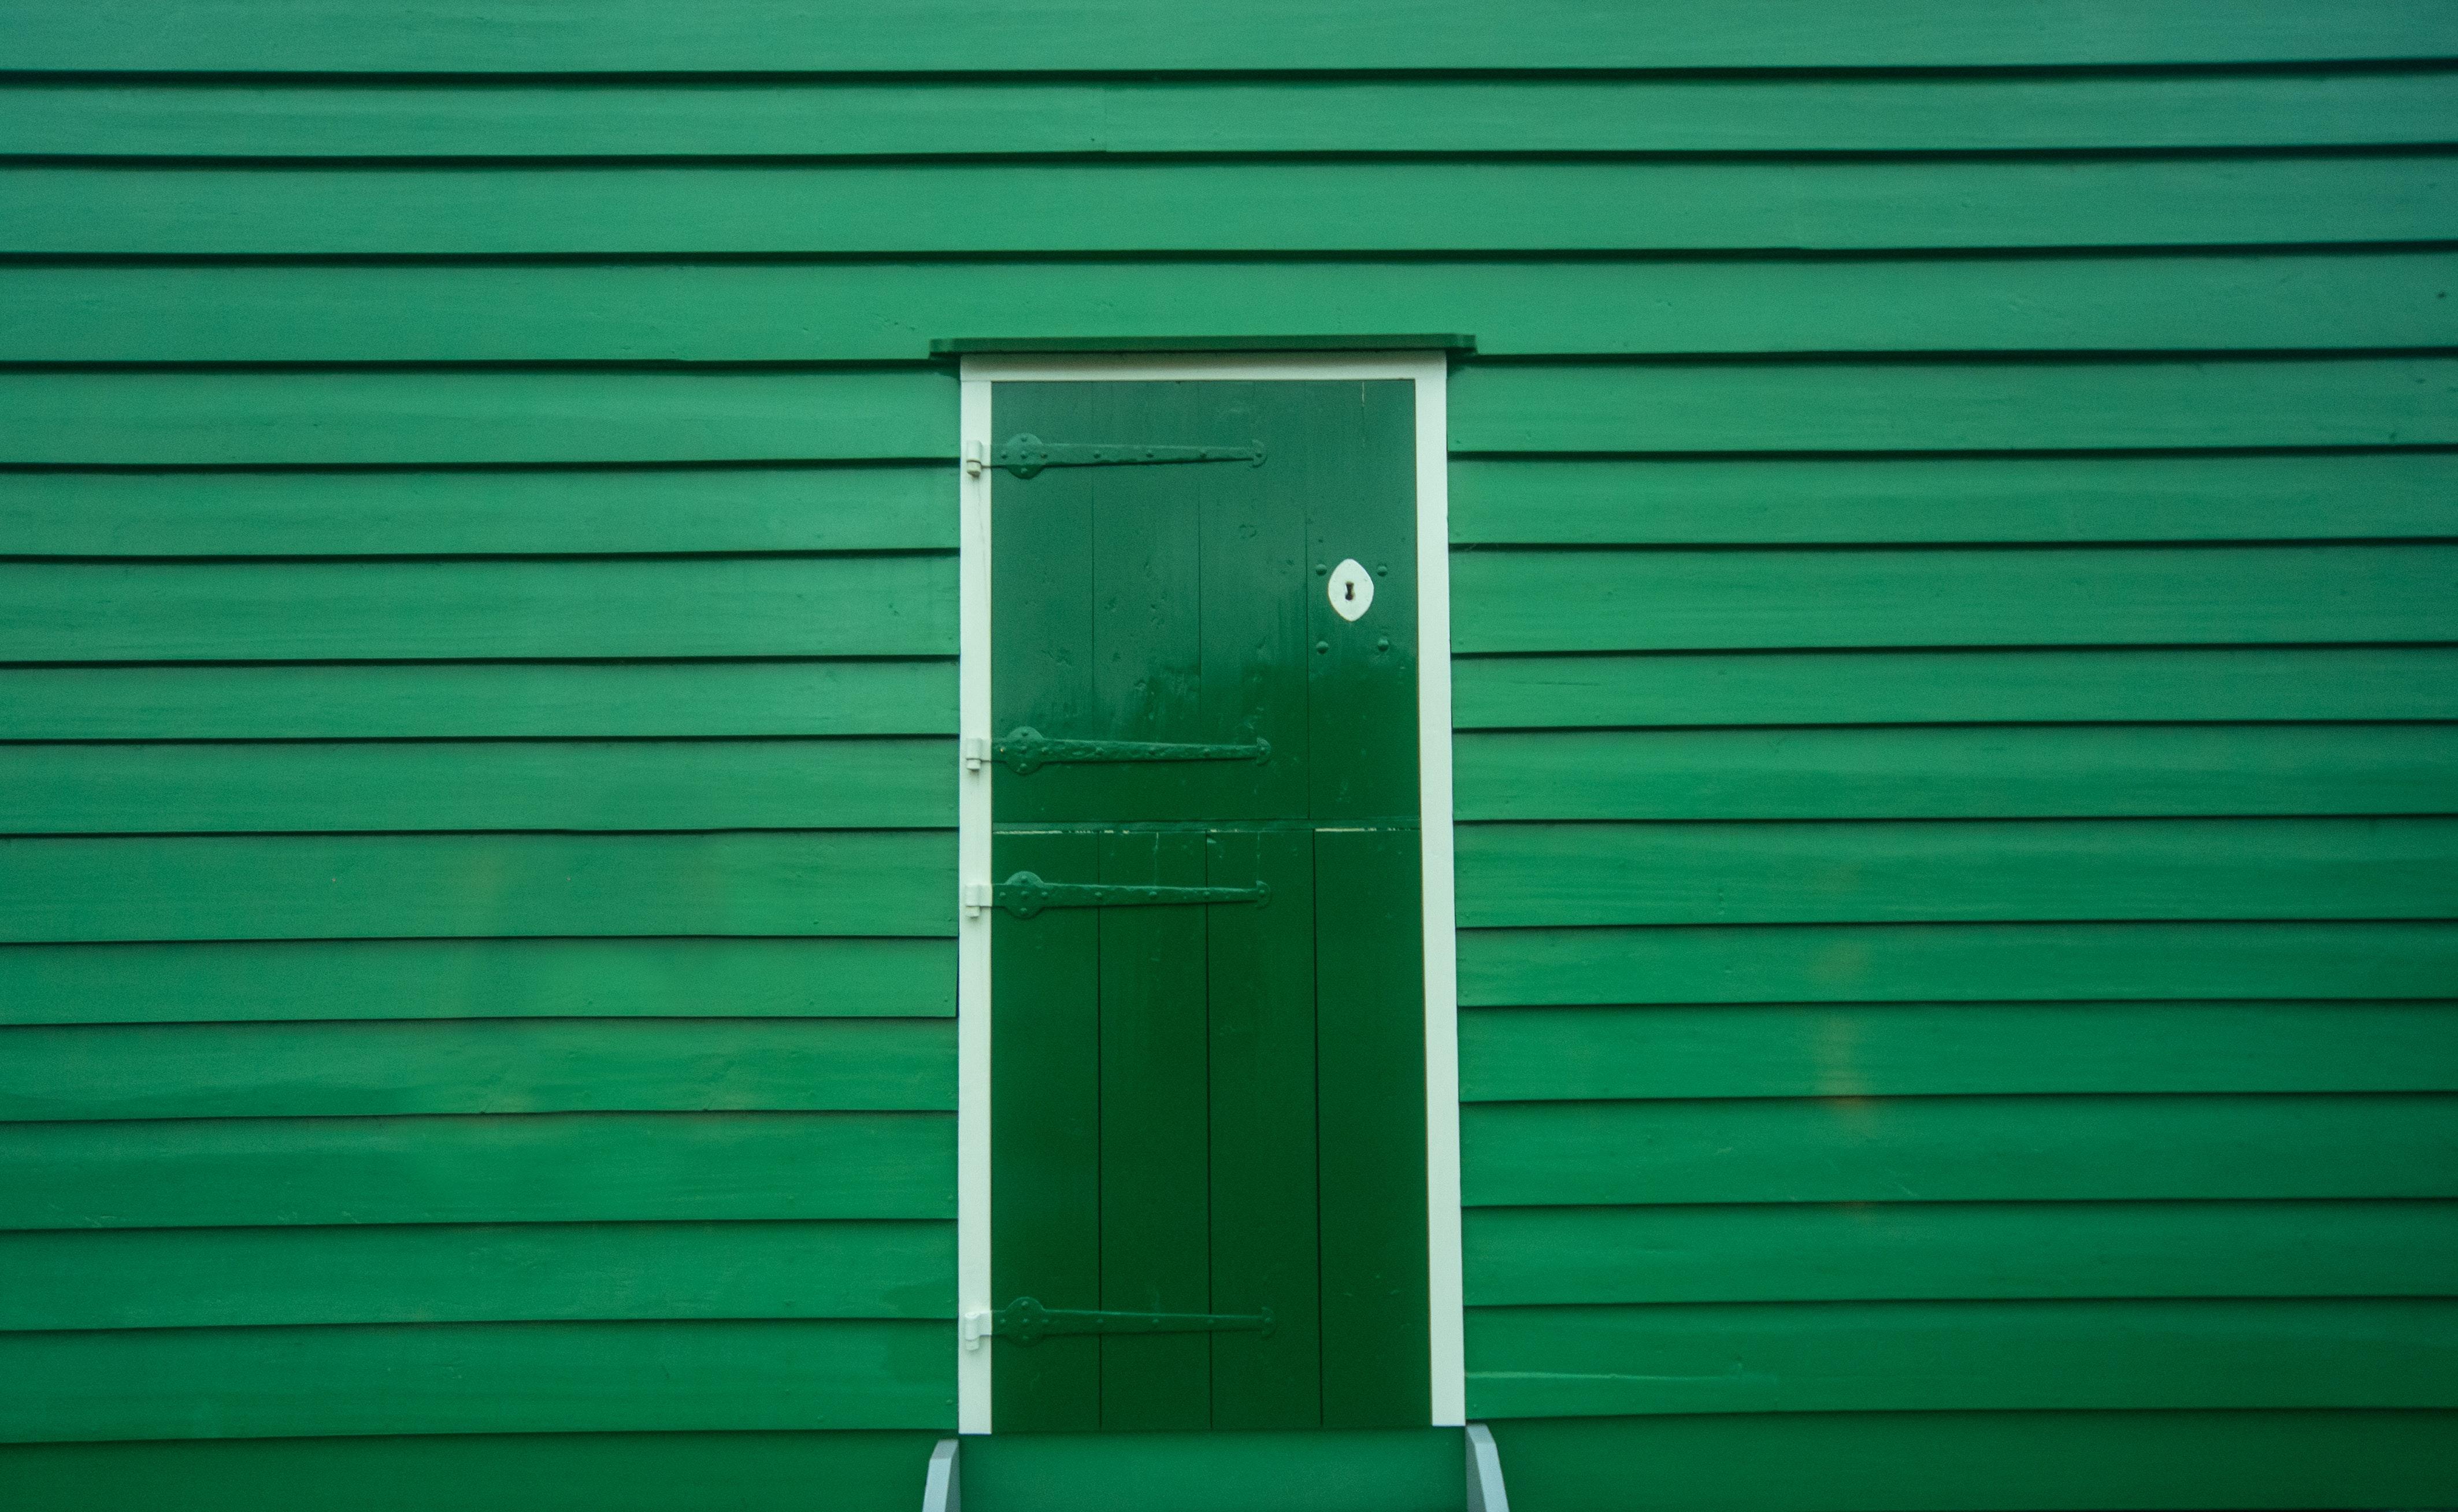 ¿Desarrollista inmobiliario? 4 errores que el Inbound Marketing te ayudará a evitar.